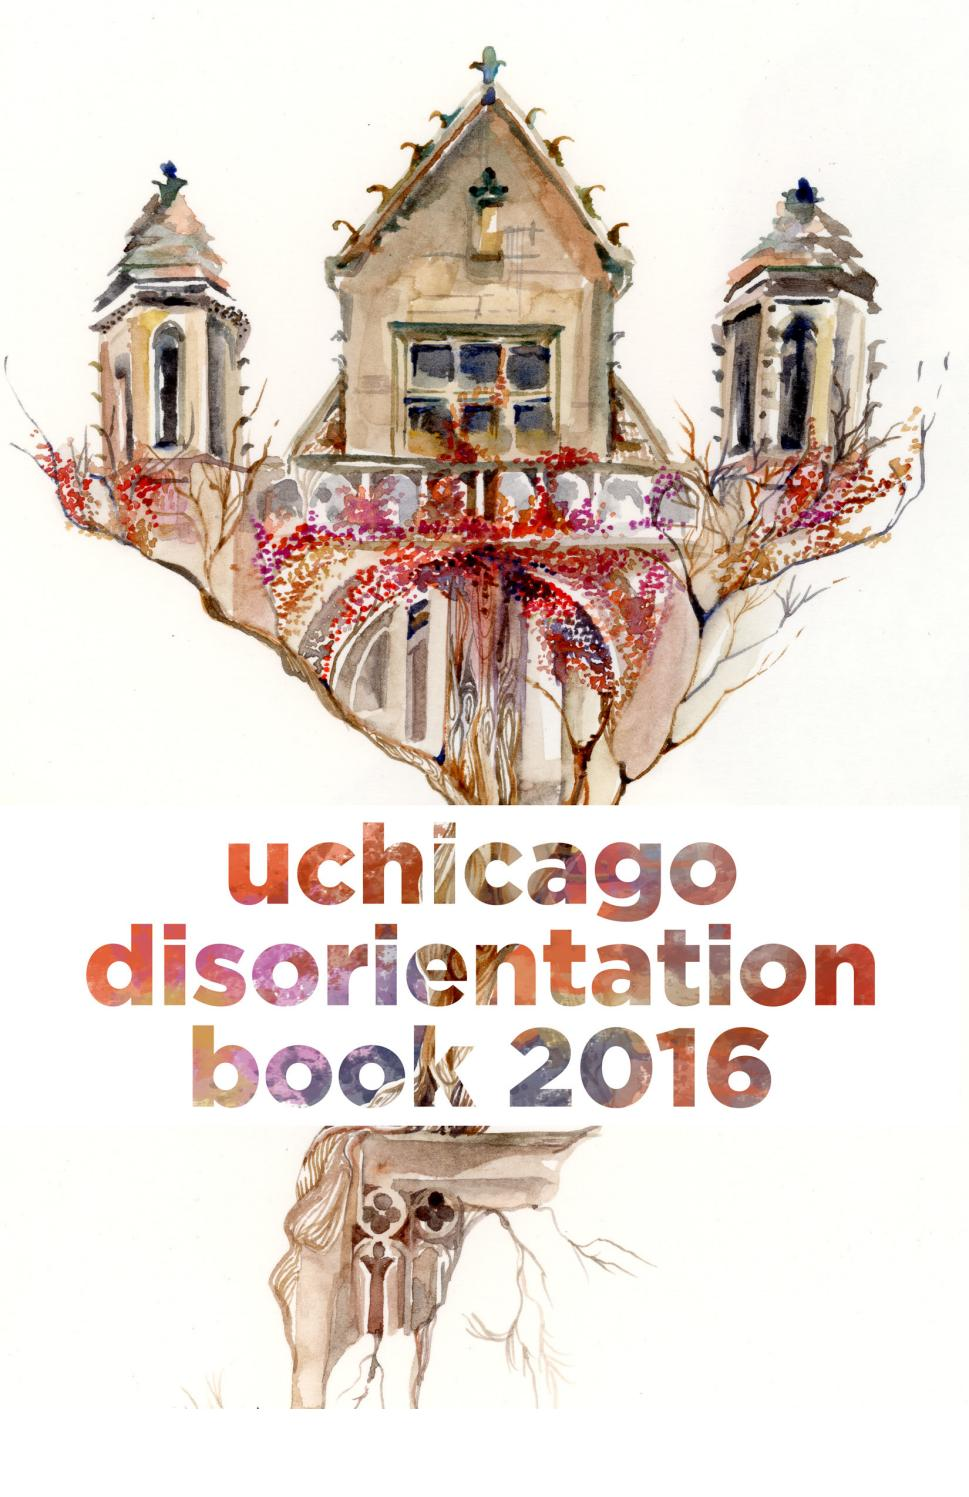 UChicago DisOrientation Book 2016 By